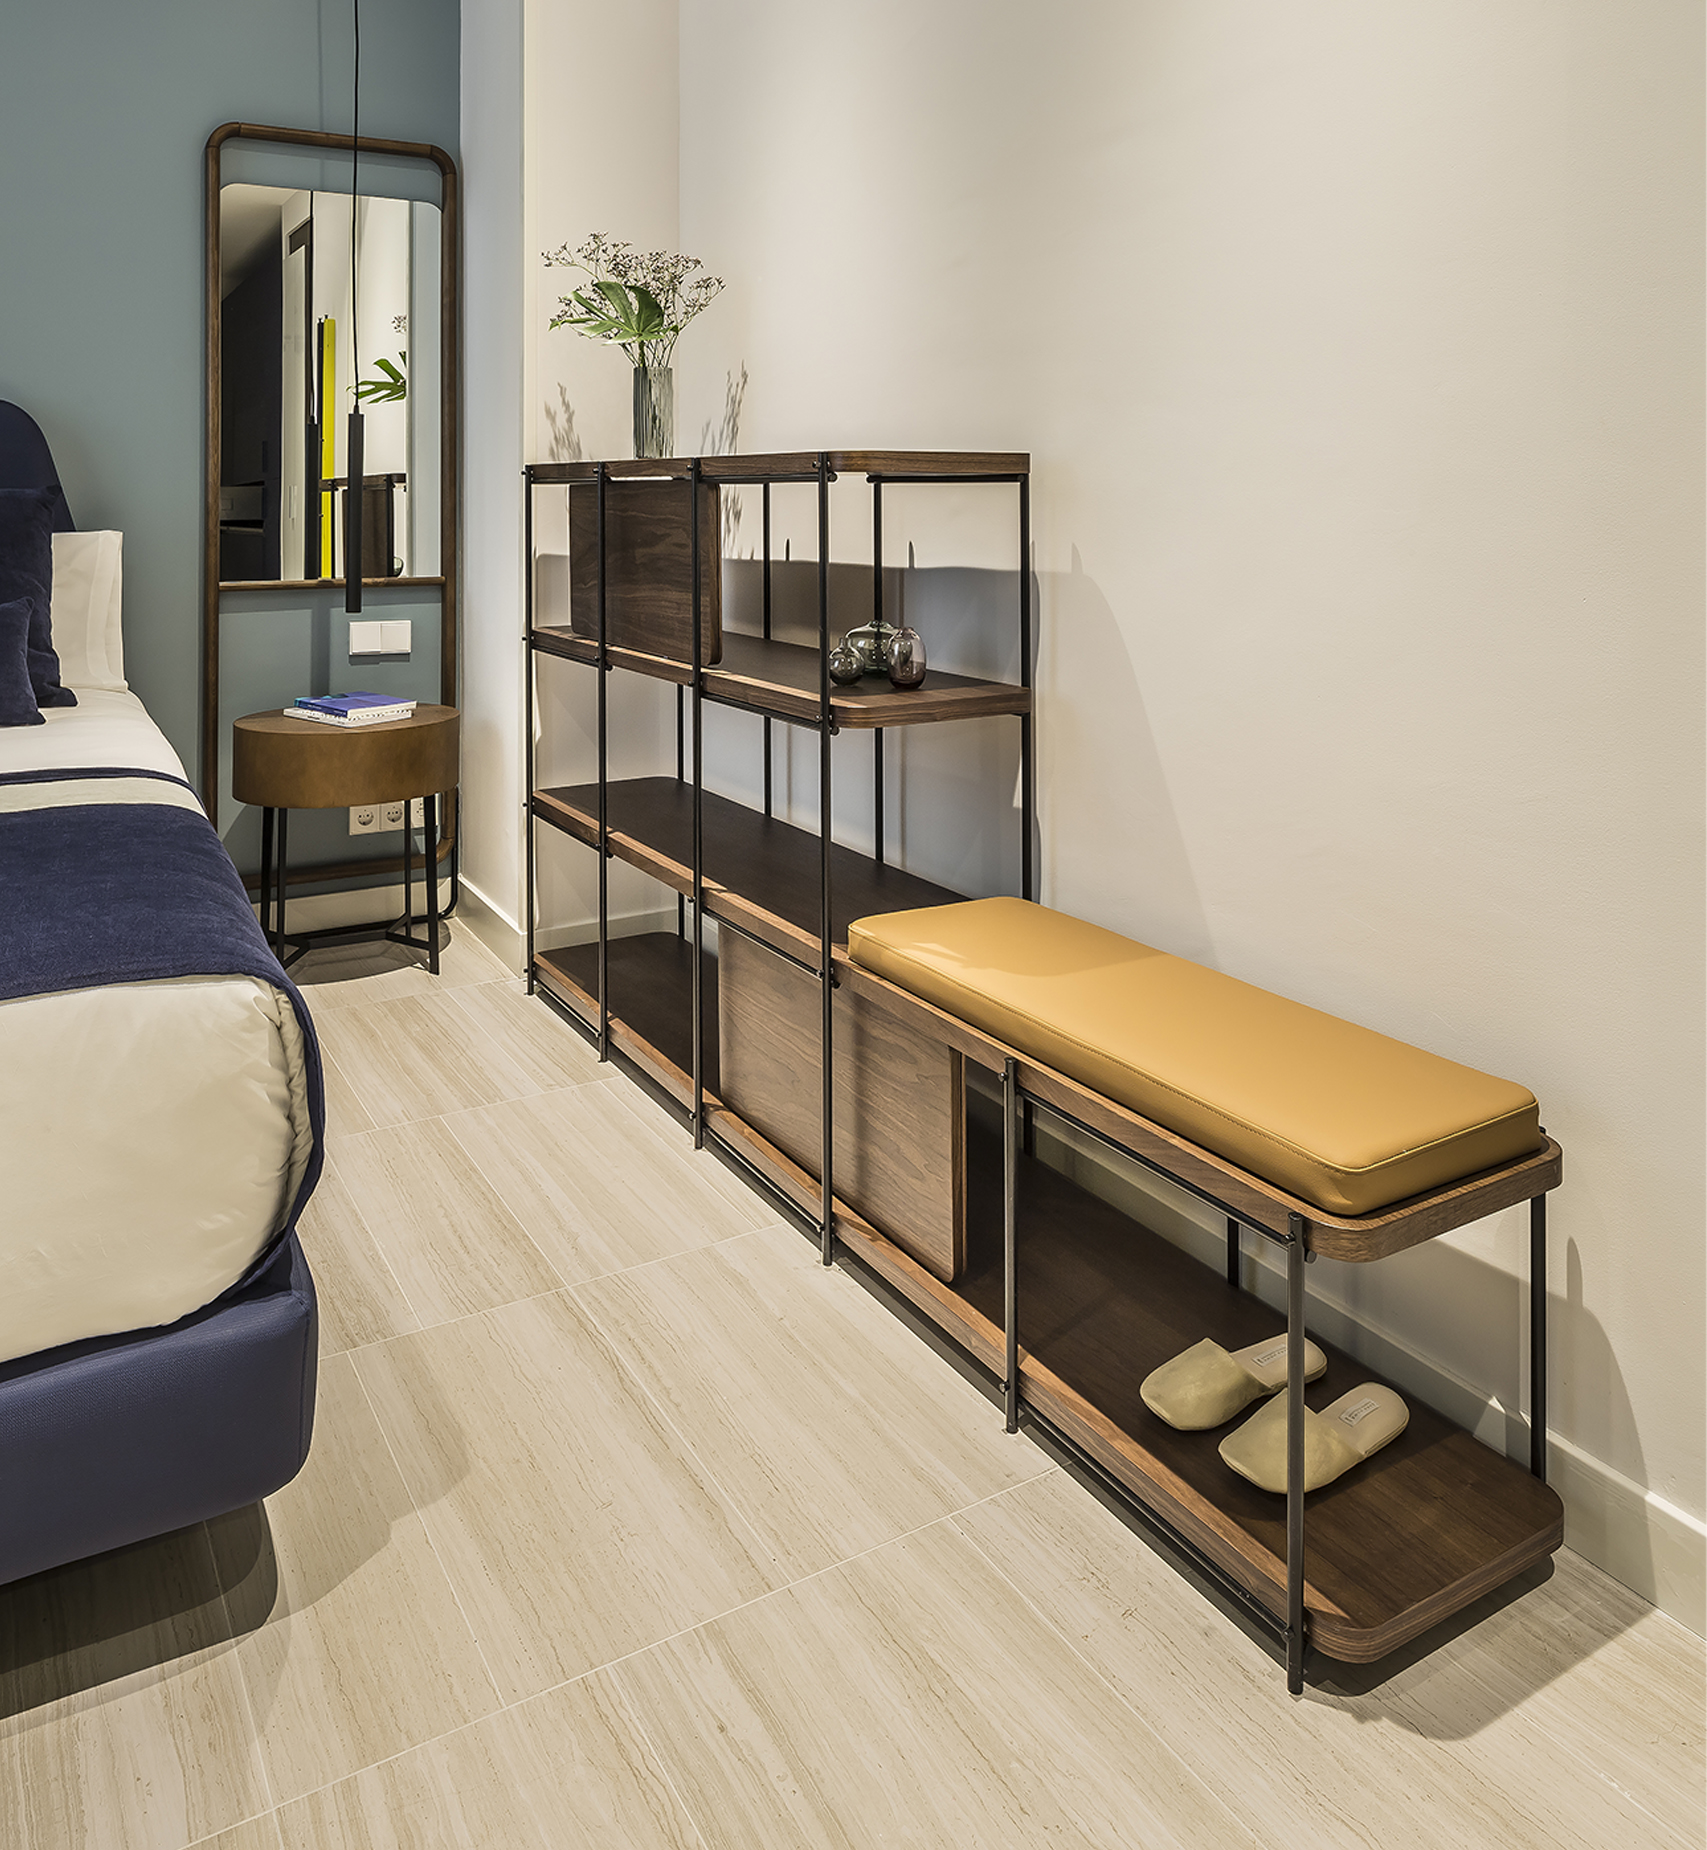 Mueble modular Momocca